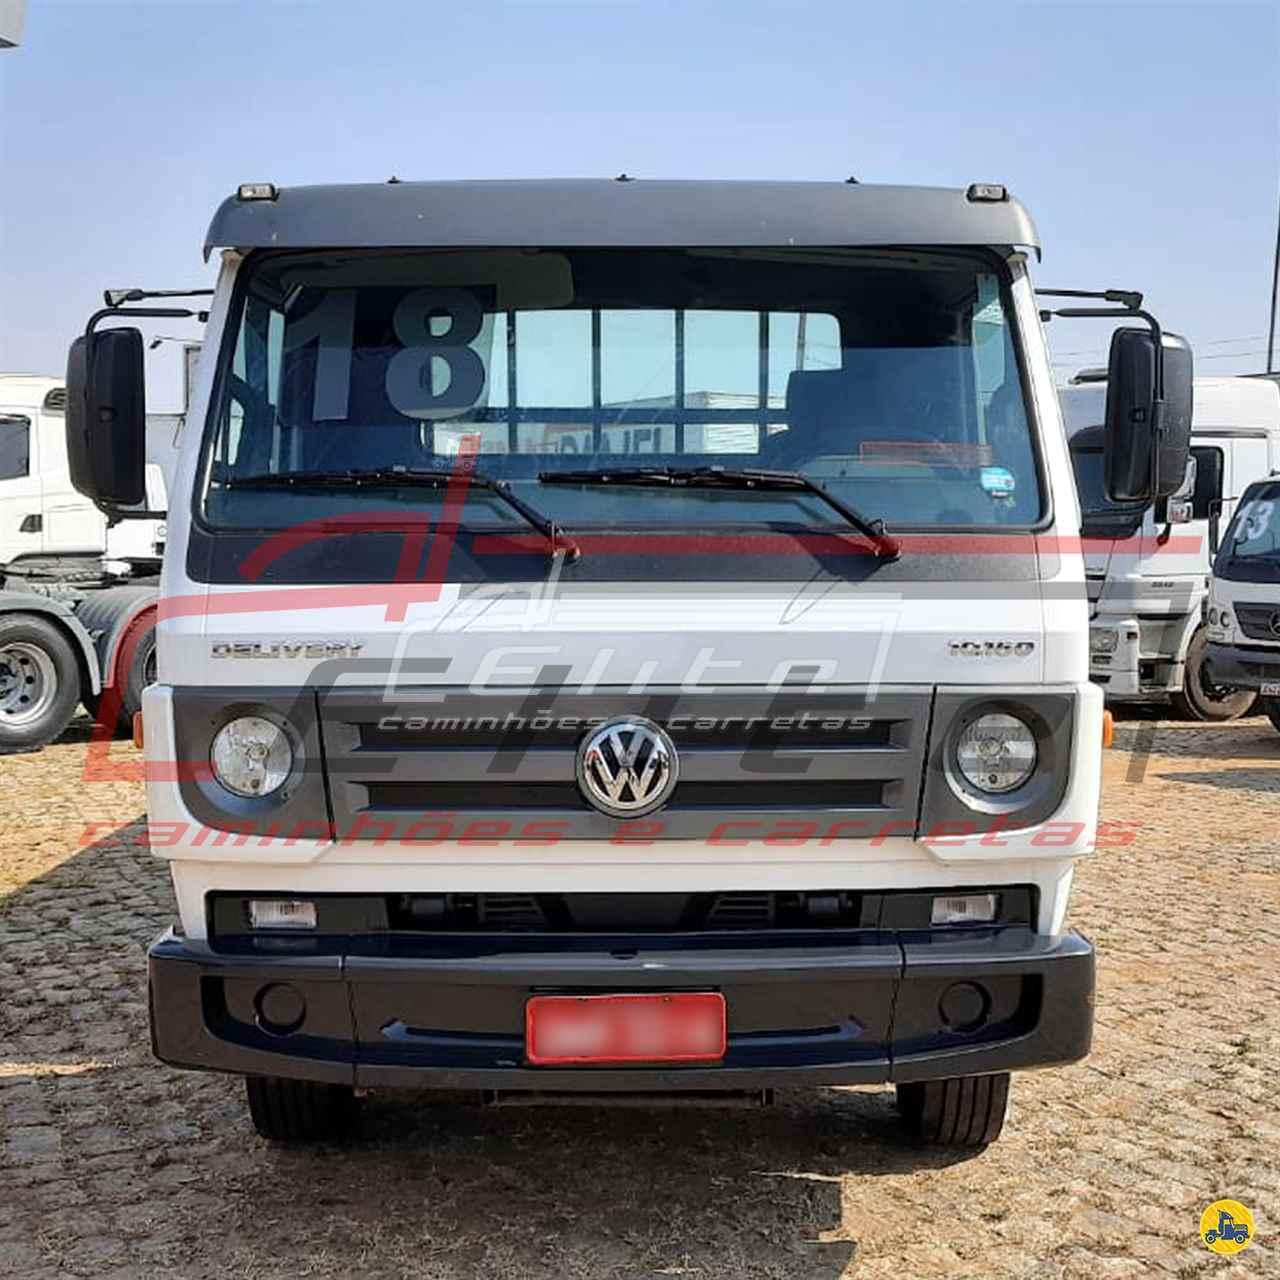 CAMINHAO VOLKSWAGEN VW 10160 Carga Seca Toco 4x2 Elite Caminhões ESTIVA MINAS GERAIS MG